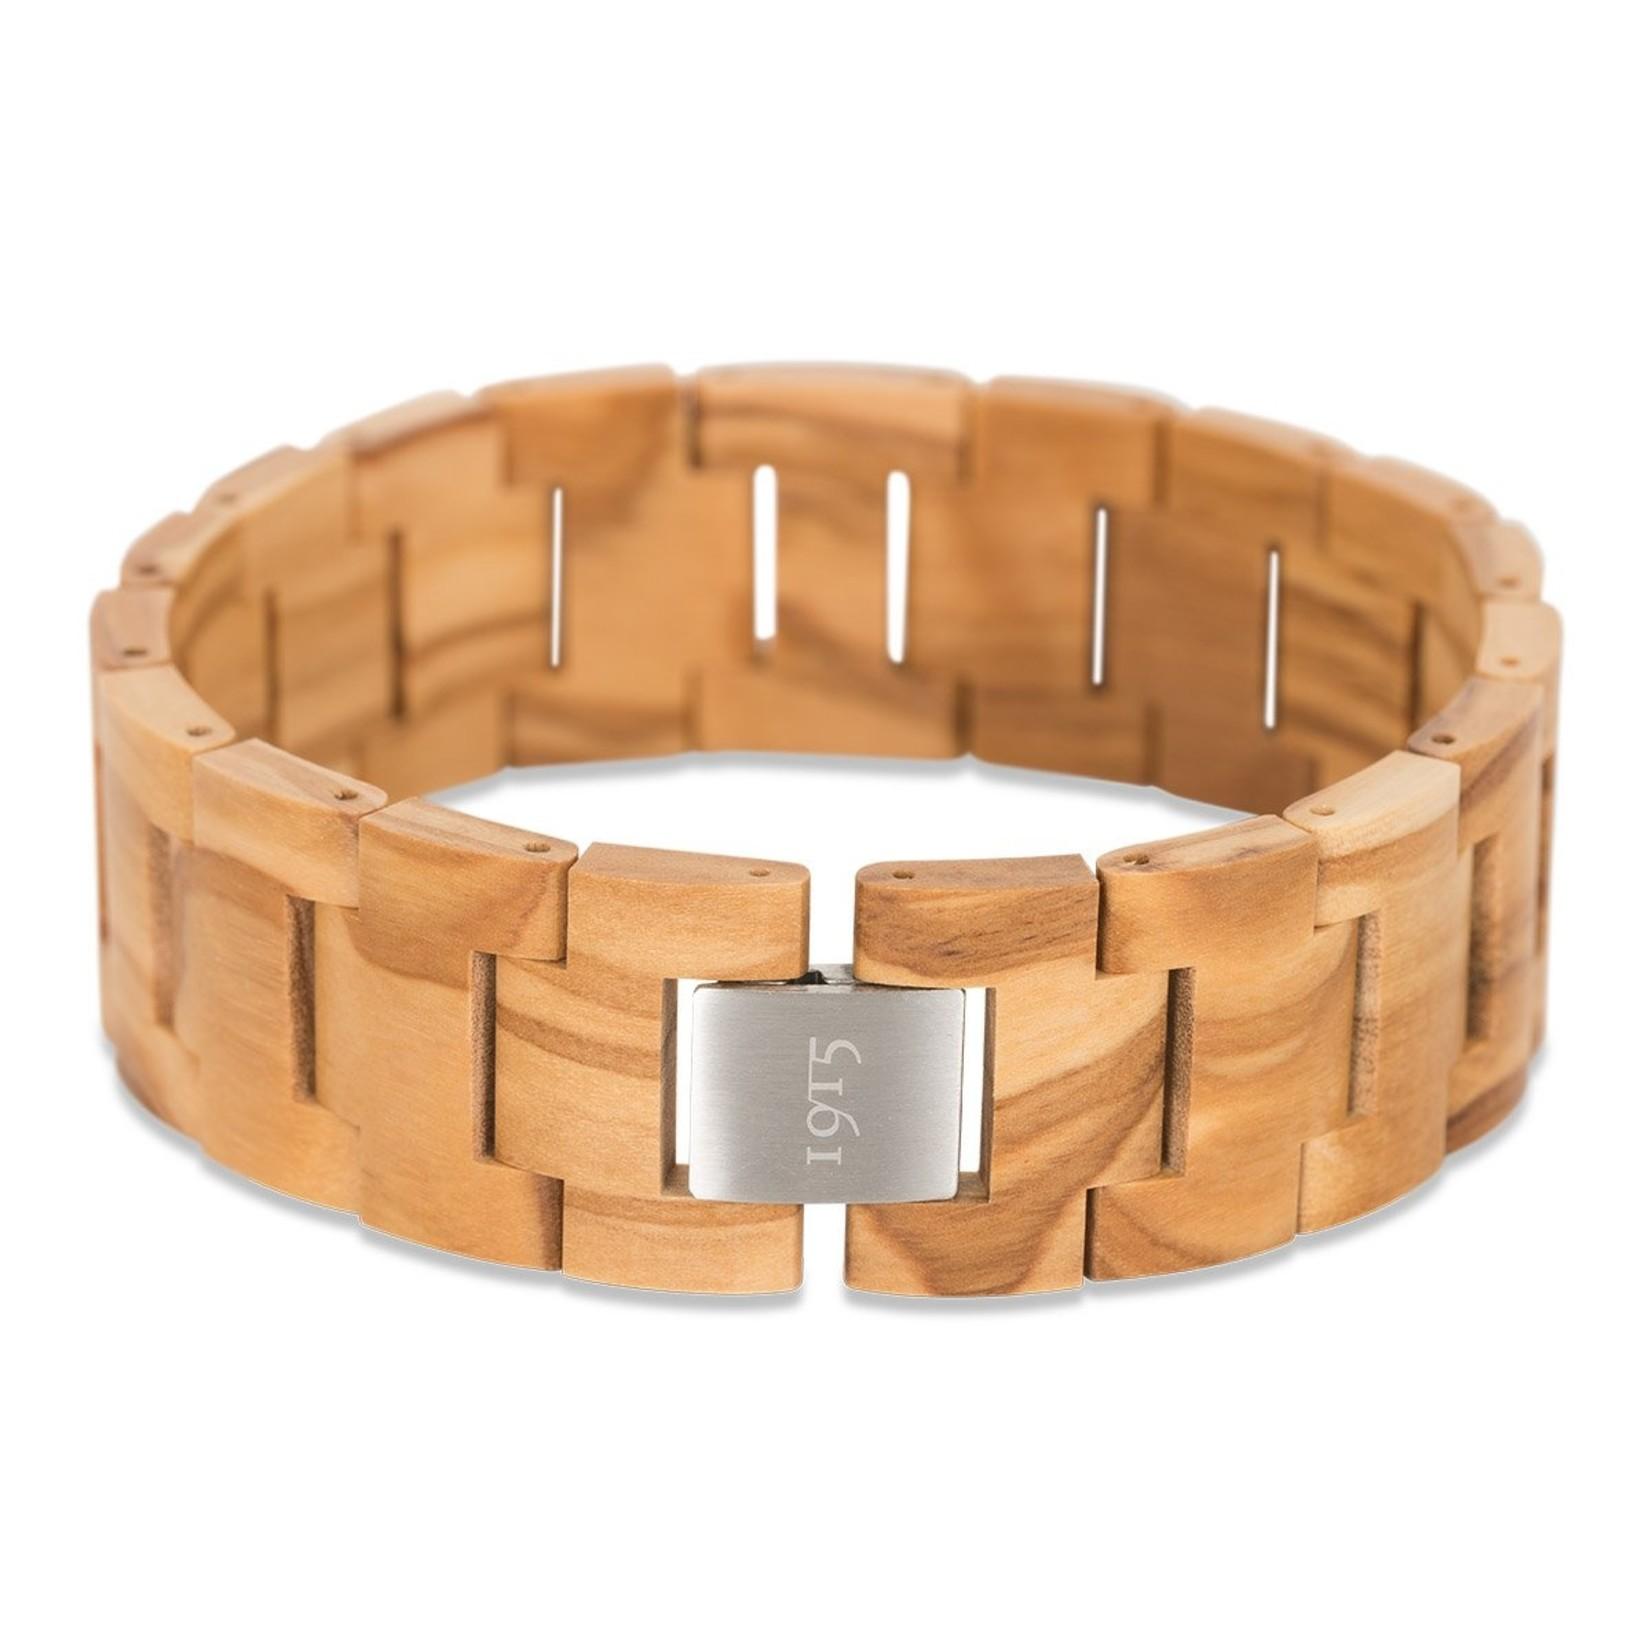 1915 watches 1915 bracelet Olive   Houten schakel armband van 1915 watches   Olijfhout